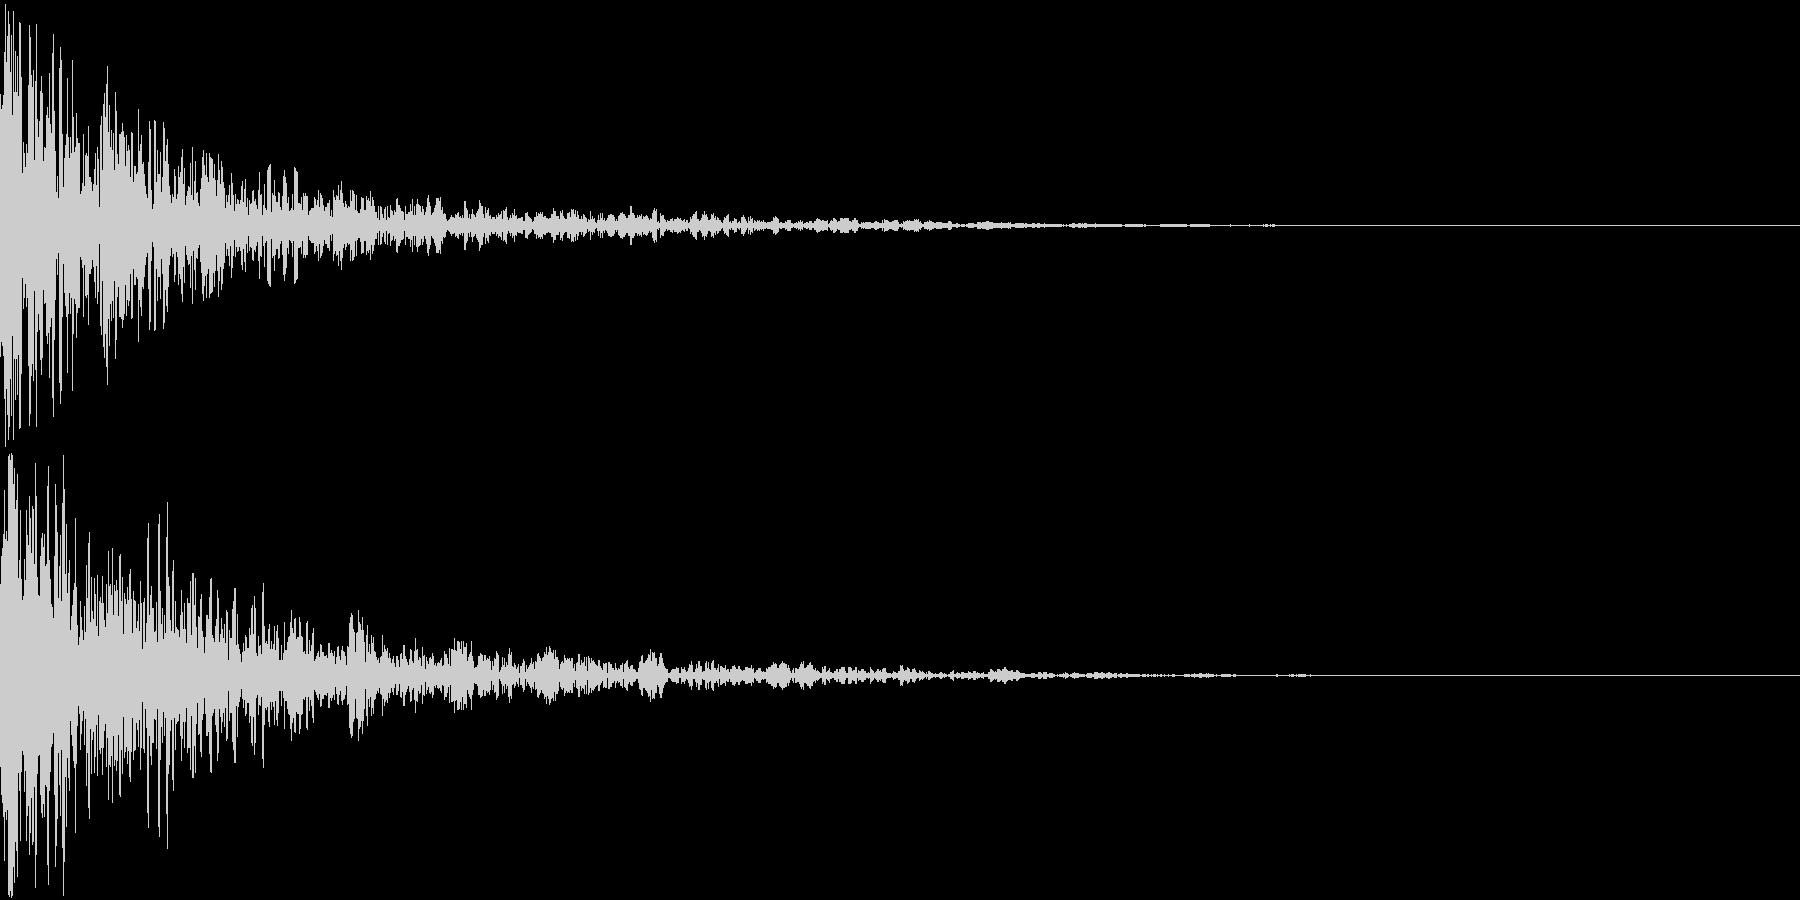 ドーン-48-2(インパクト音)の未再生の波形